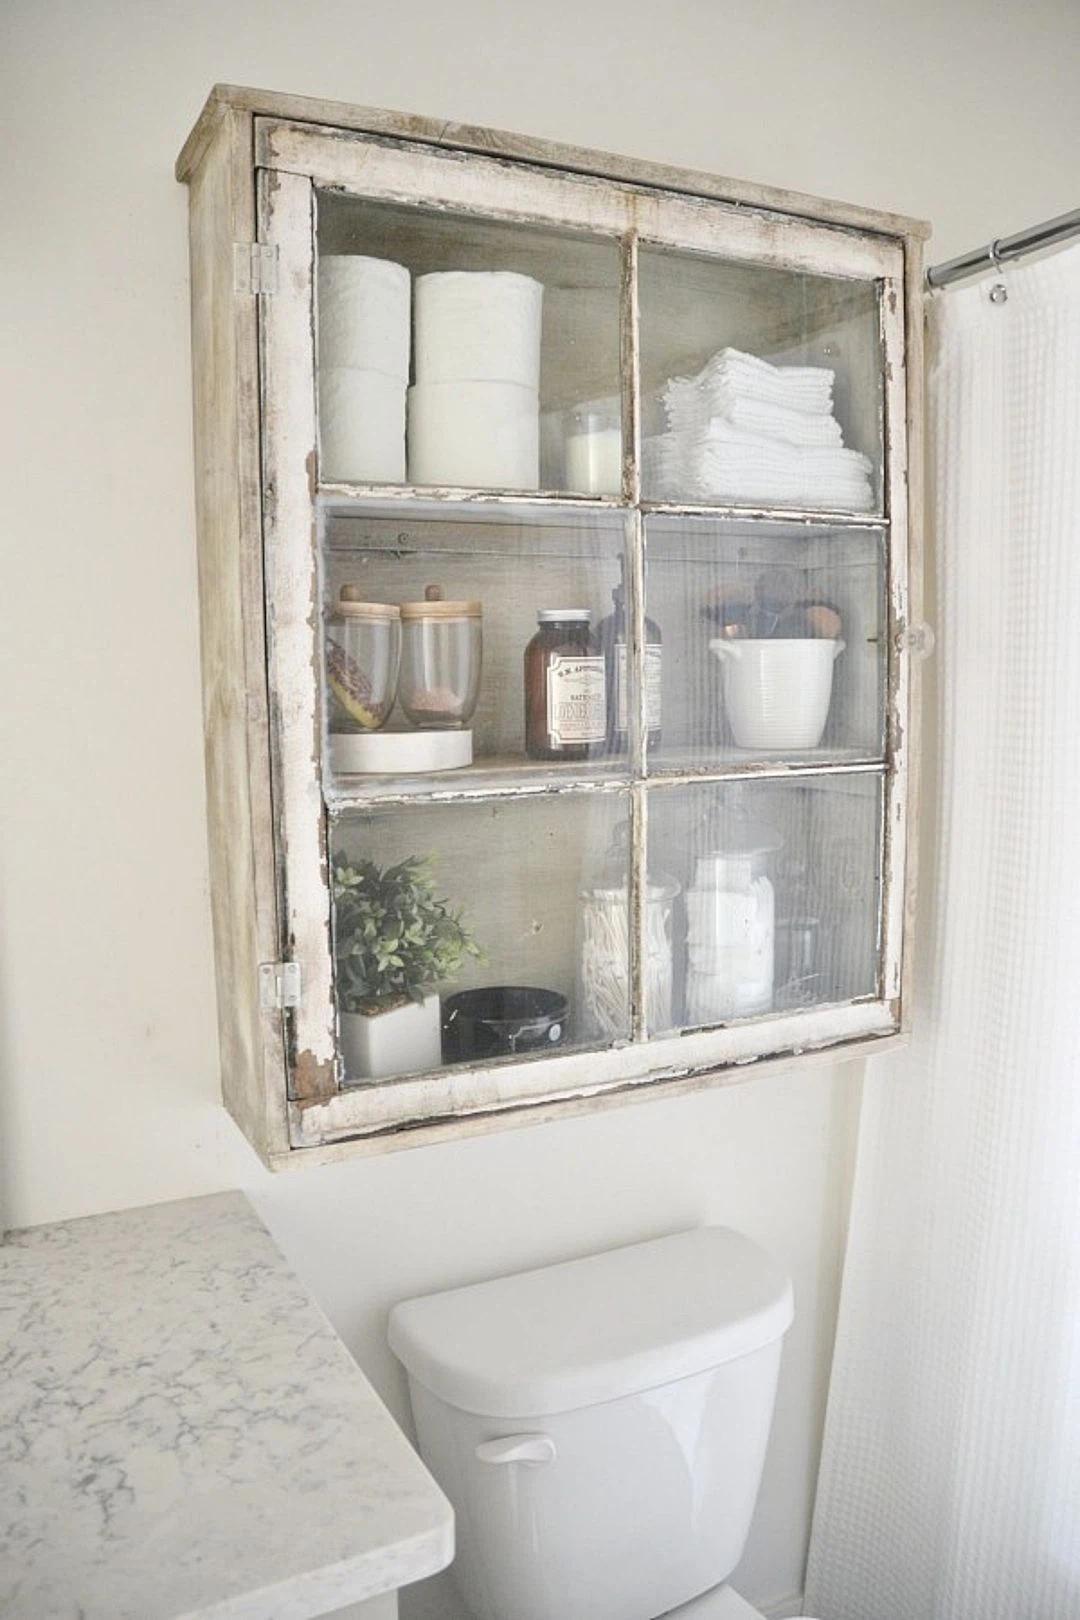 Chiếc tủ đơn giản mang phong cách rustic là một bổ sung tuyệt vời cho trang trí phòng tắm.